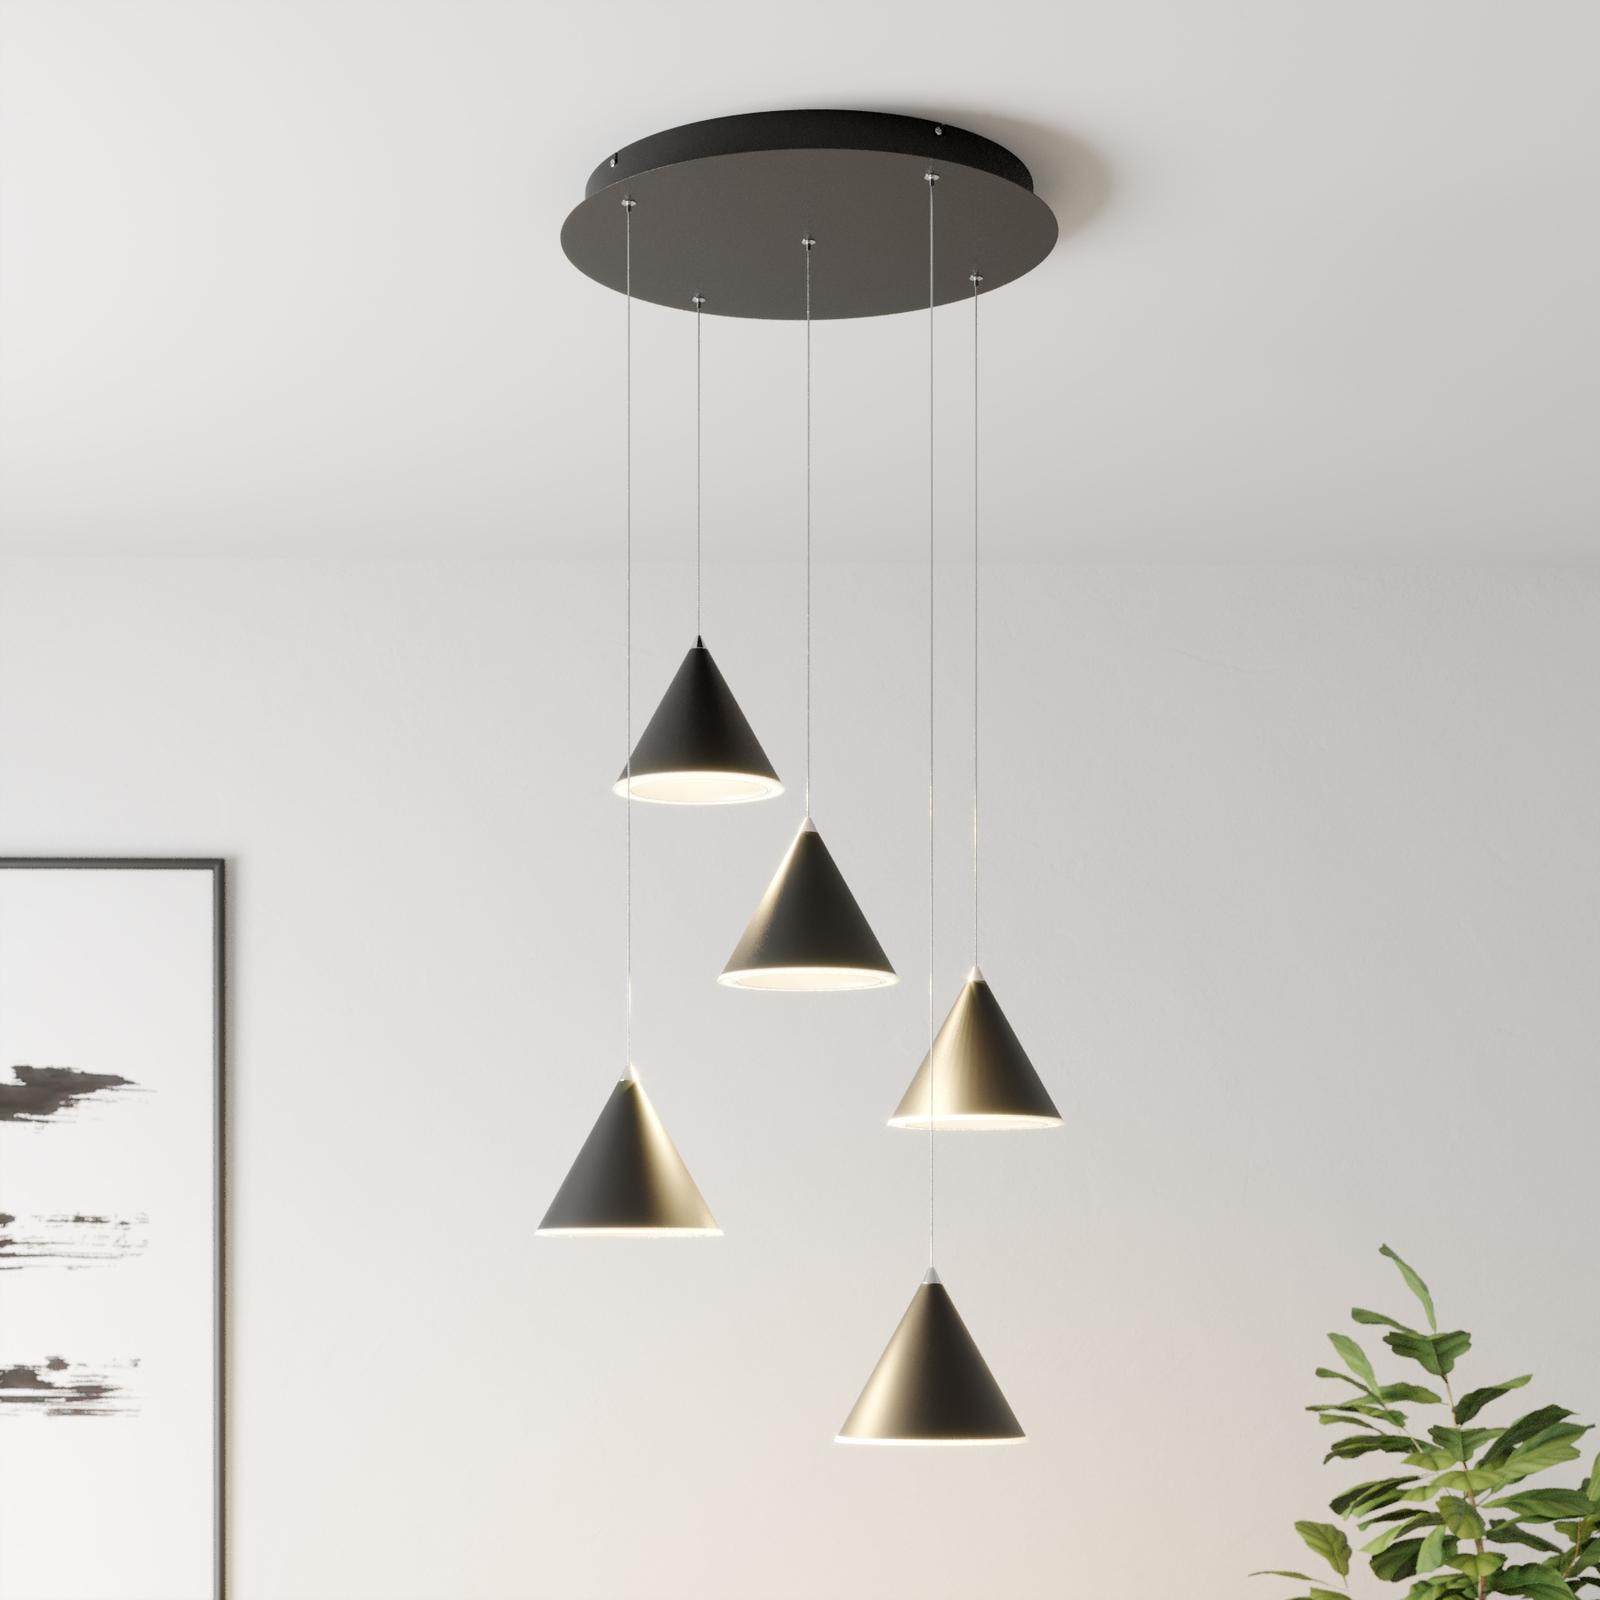 Lucande Livan LED-Hängeleuchte, schwarz, 5-fl.